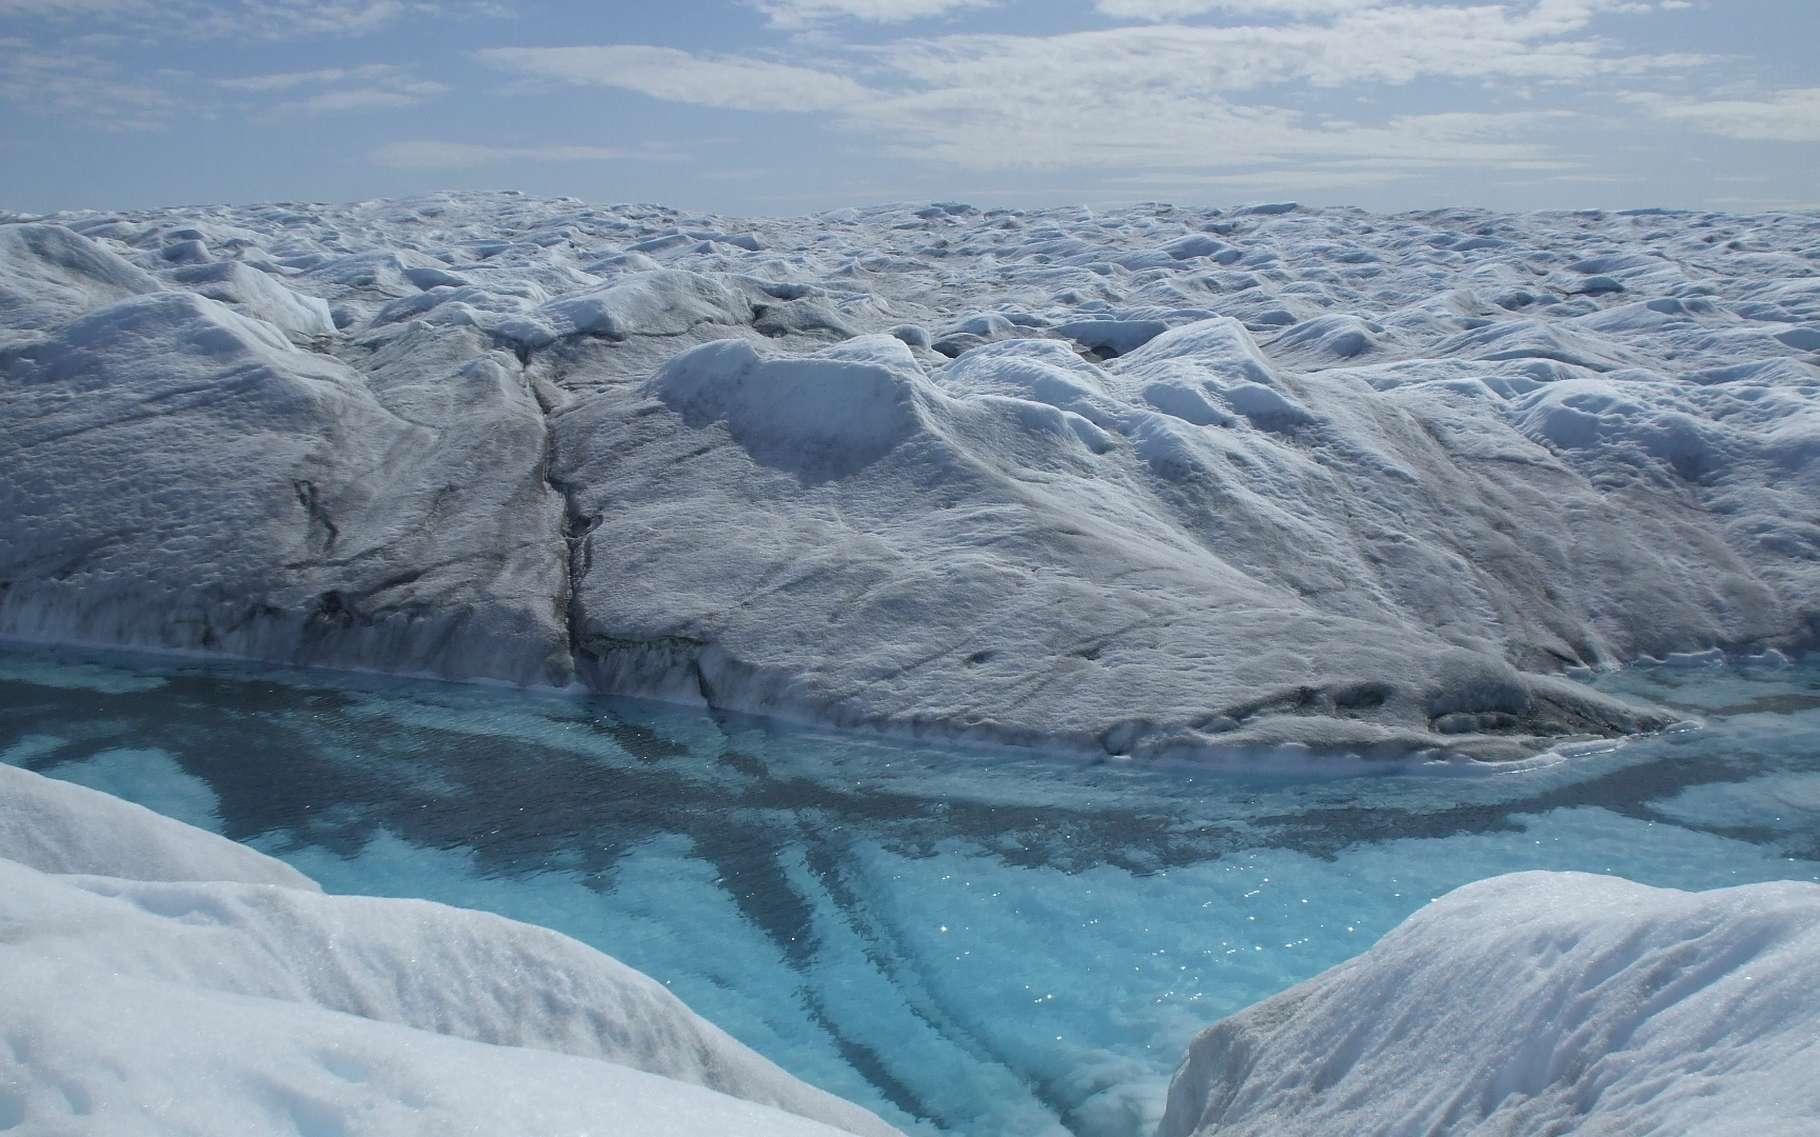 La calotte glaciaire du Groenland mesure plus de deux kilomètres d'épaisseur mais toutes les observations, au sol ou depuis les satellites, montrent une réduction de la quantité de glace au fil des années. Ici une rivière coulant sur la glace en été, photographiée par l'équipe A2 en 2009. © A2